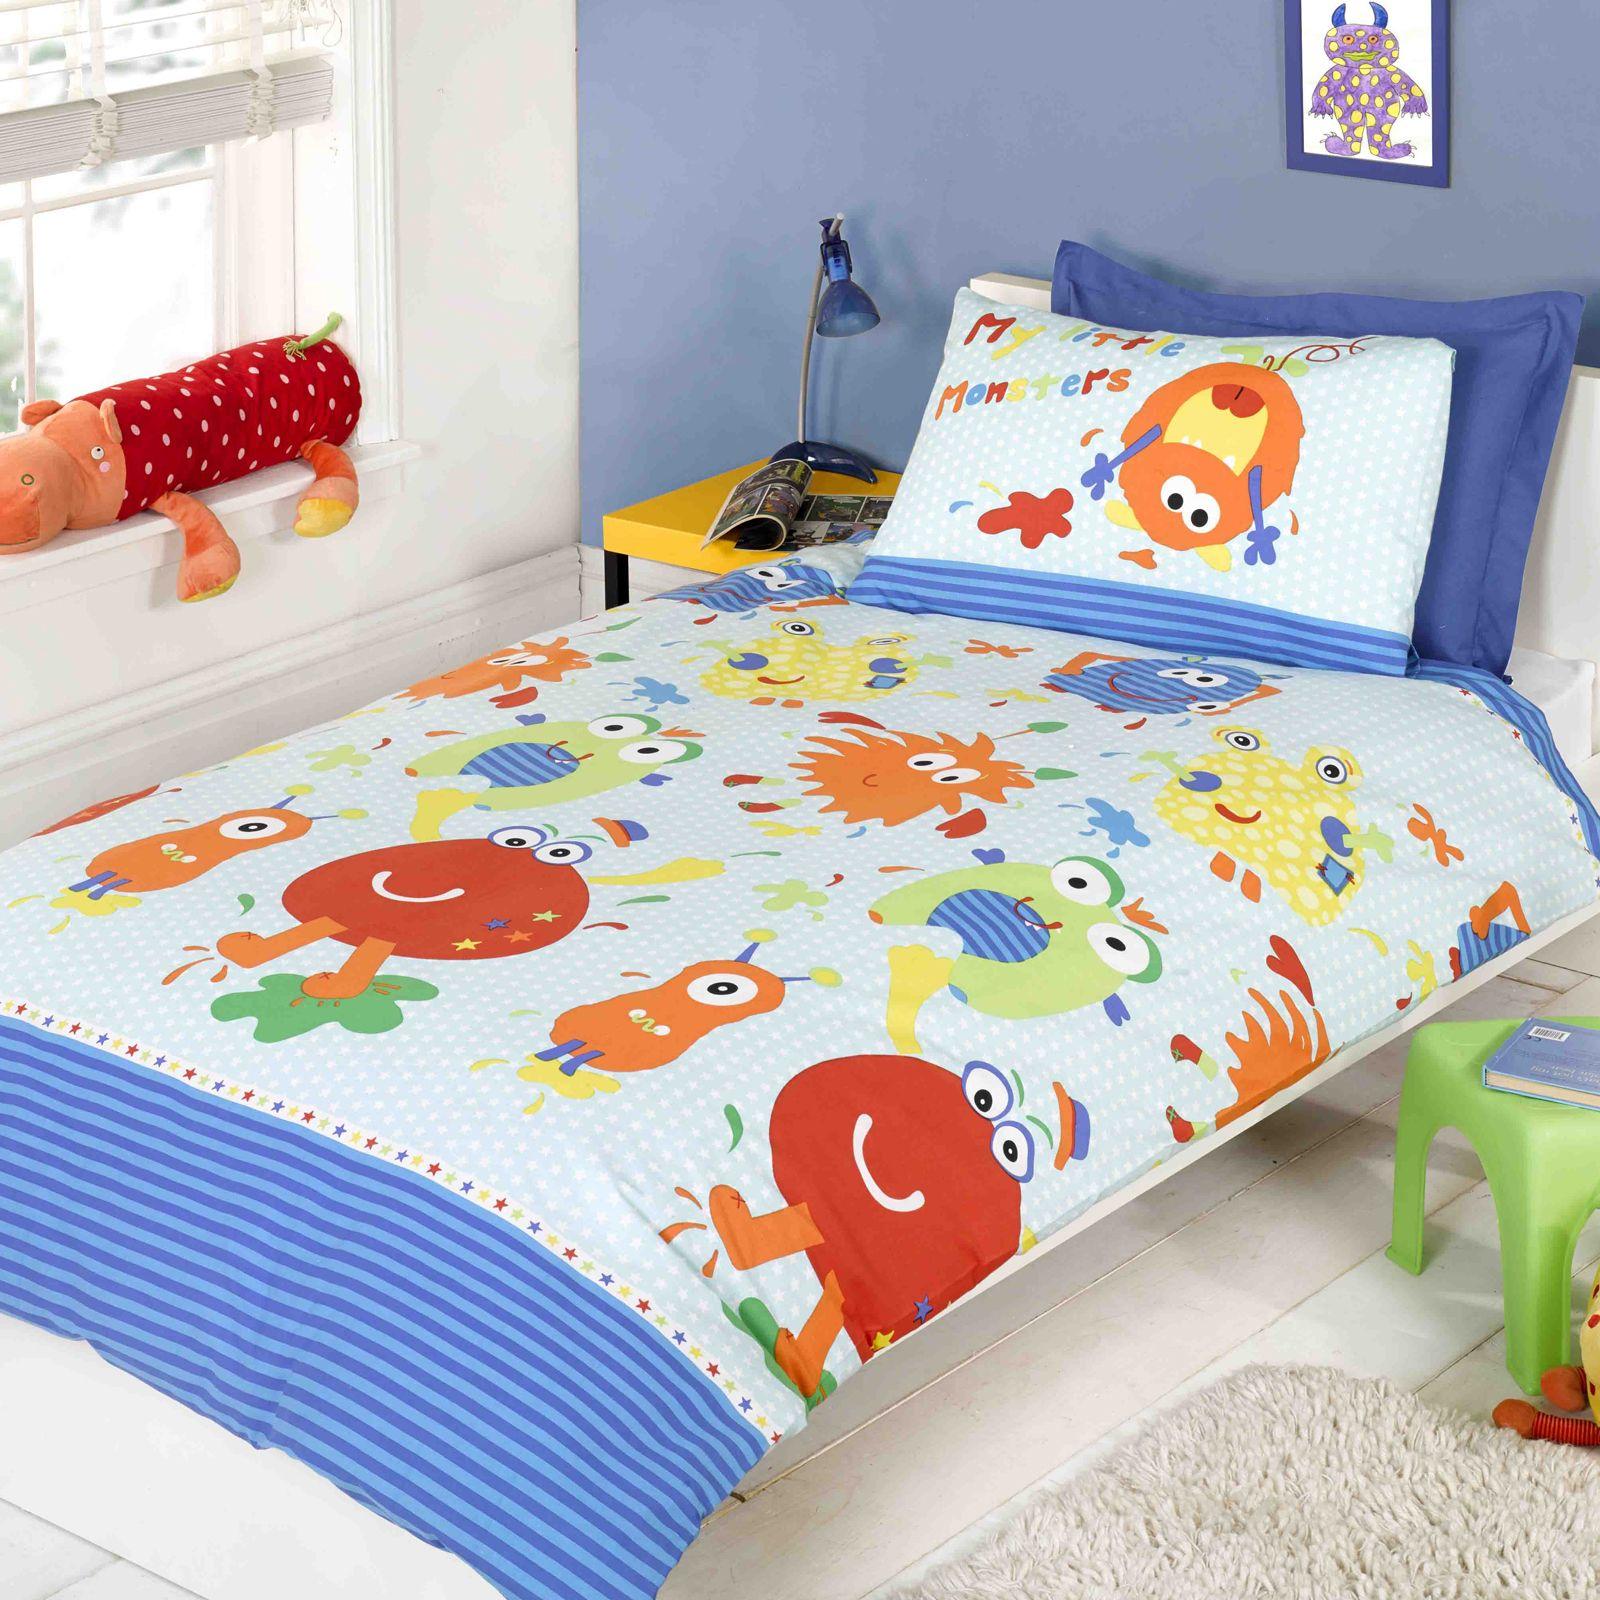 Piccolo mostri blu set copripiumino singolo biancheria da letto bambini ebay - Piumini letto singolo bambini ...